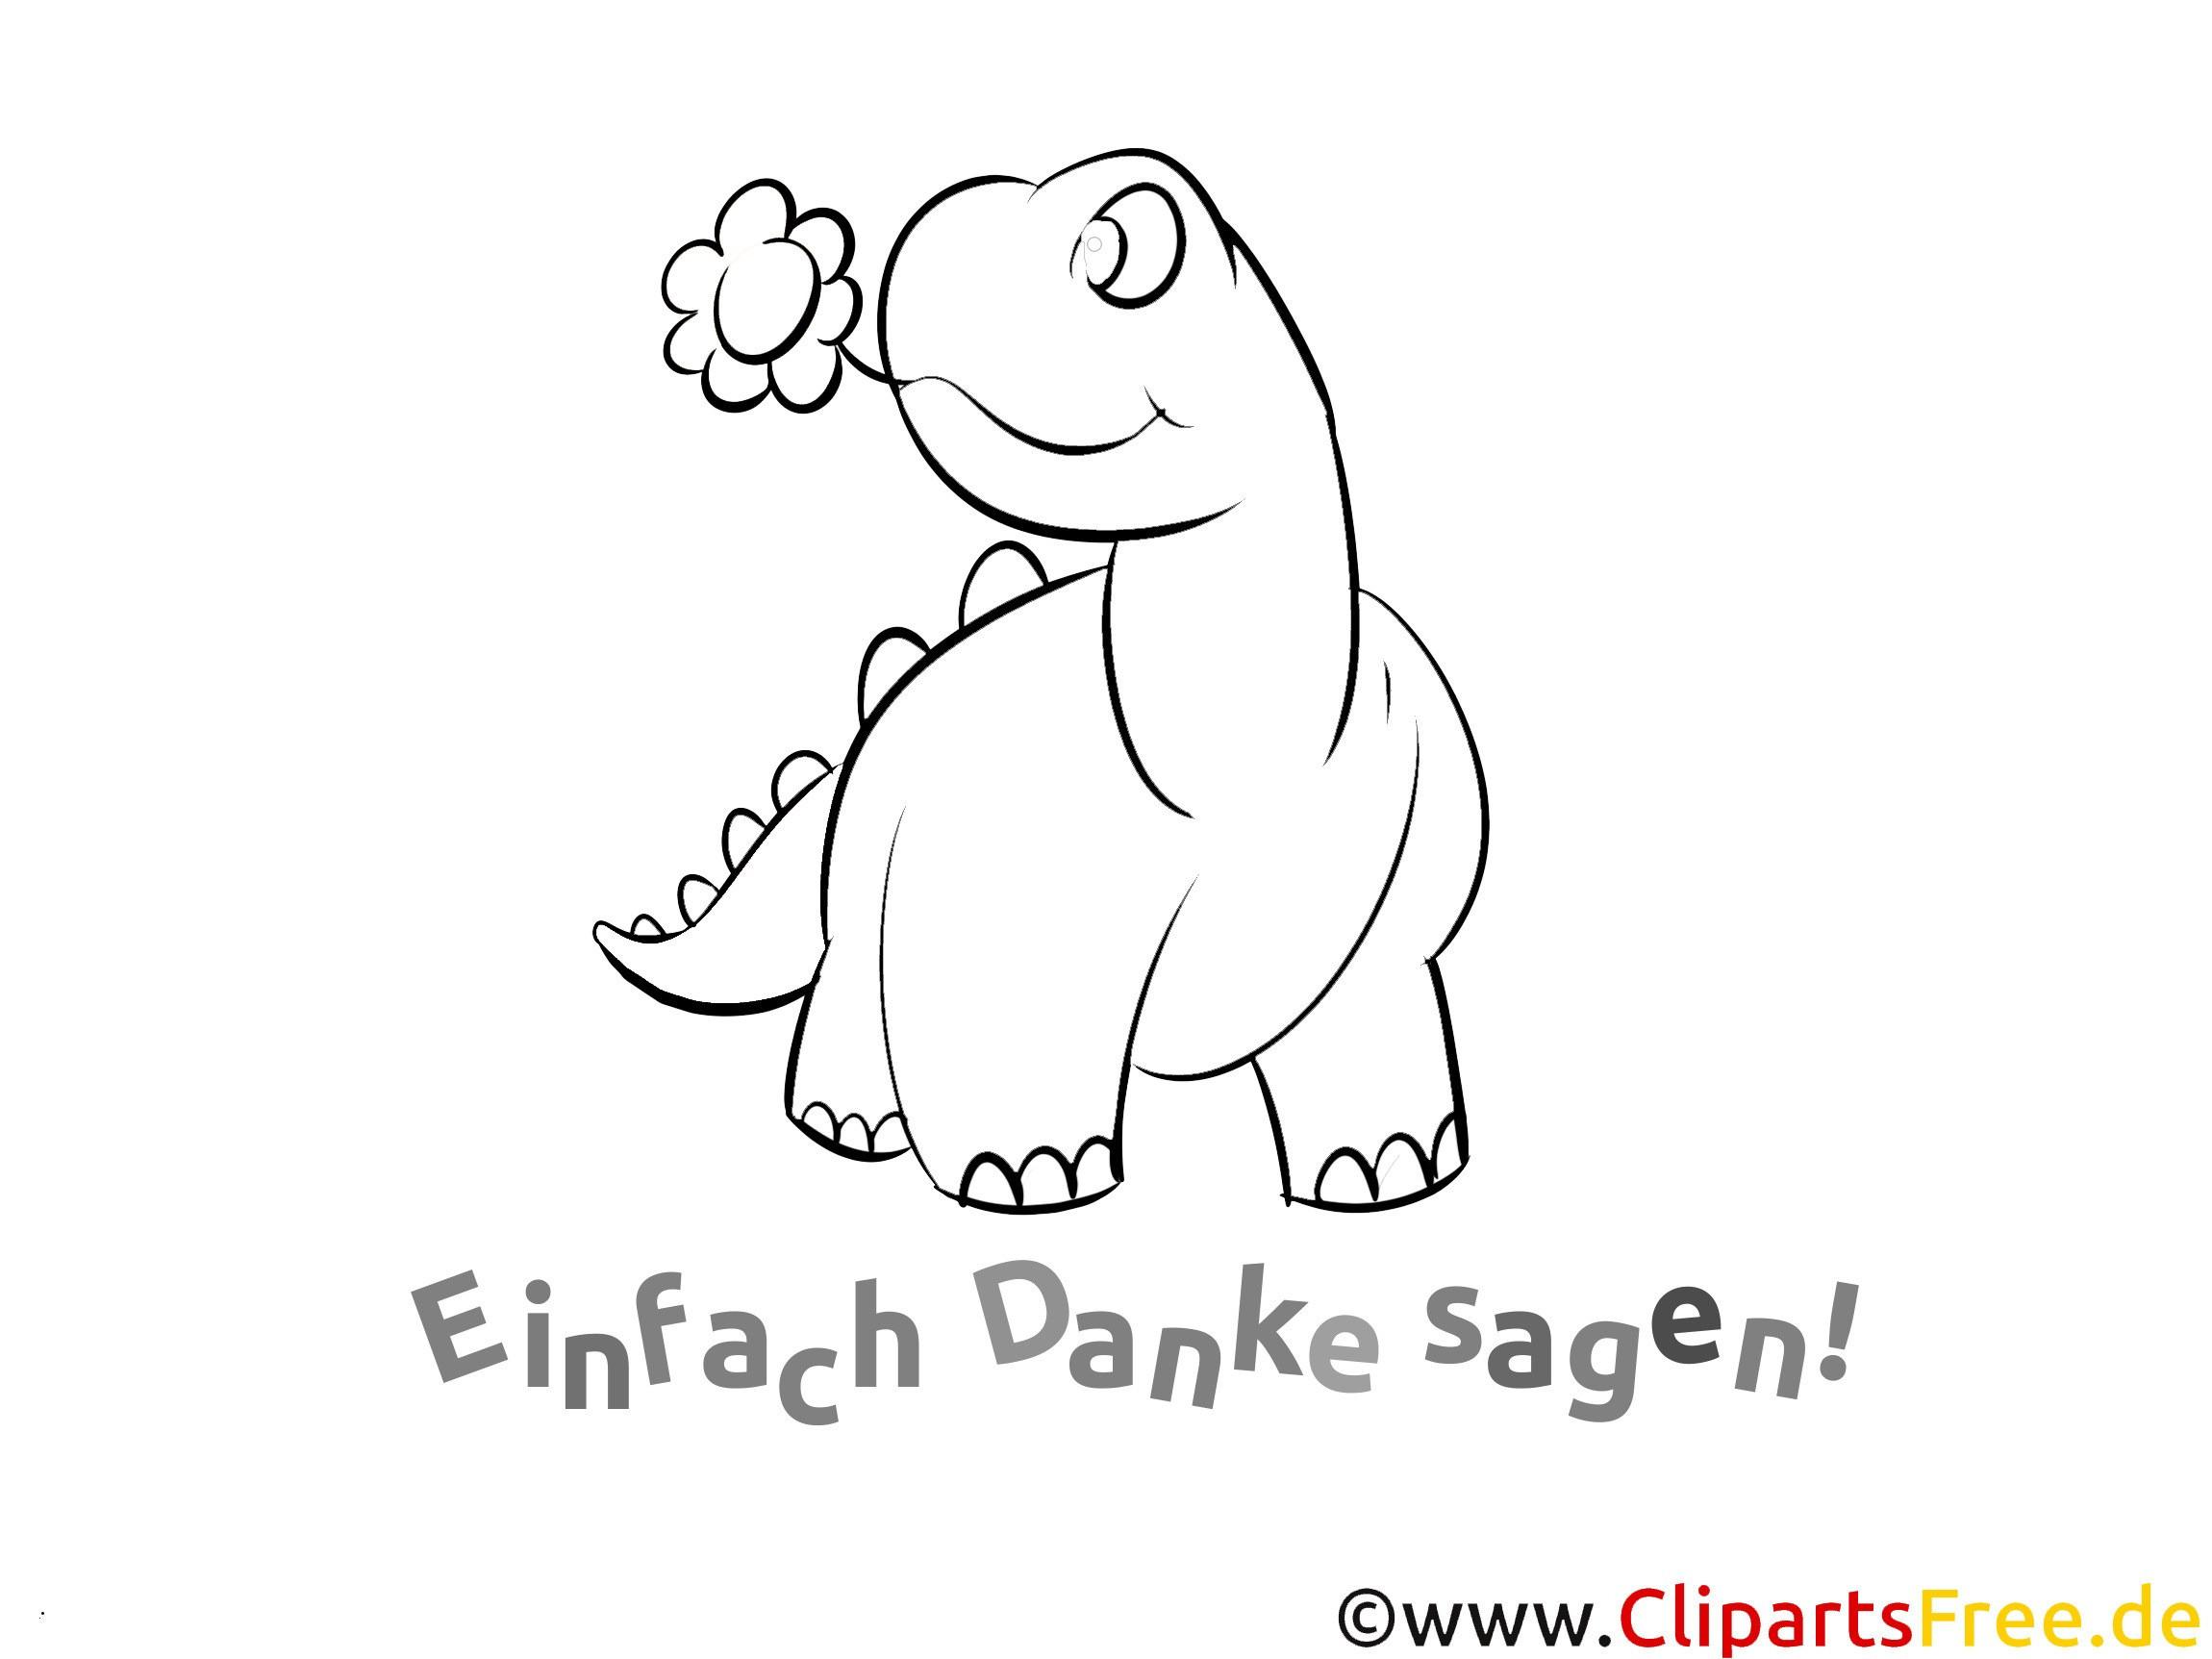 Hasen Bilder Zum Ausdrucken Kostenlos Genial 36 Skizze Hasen Malvorlagen Zum Ausdrucken Treehouse Nyc Bilder